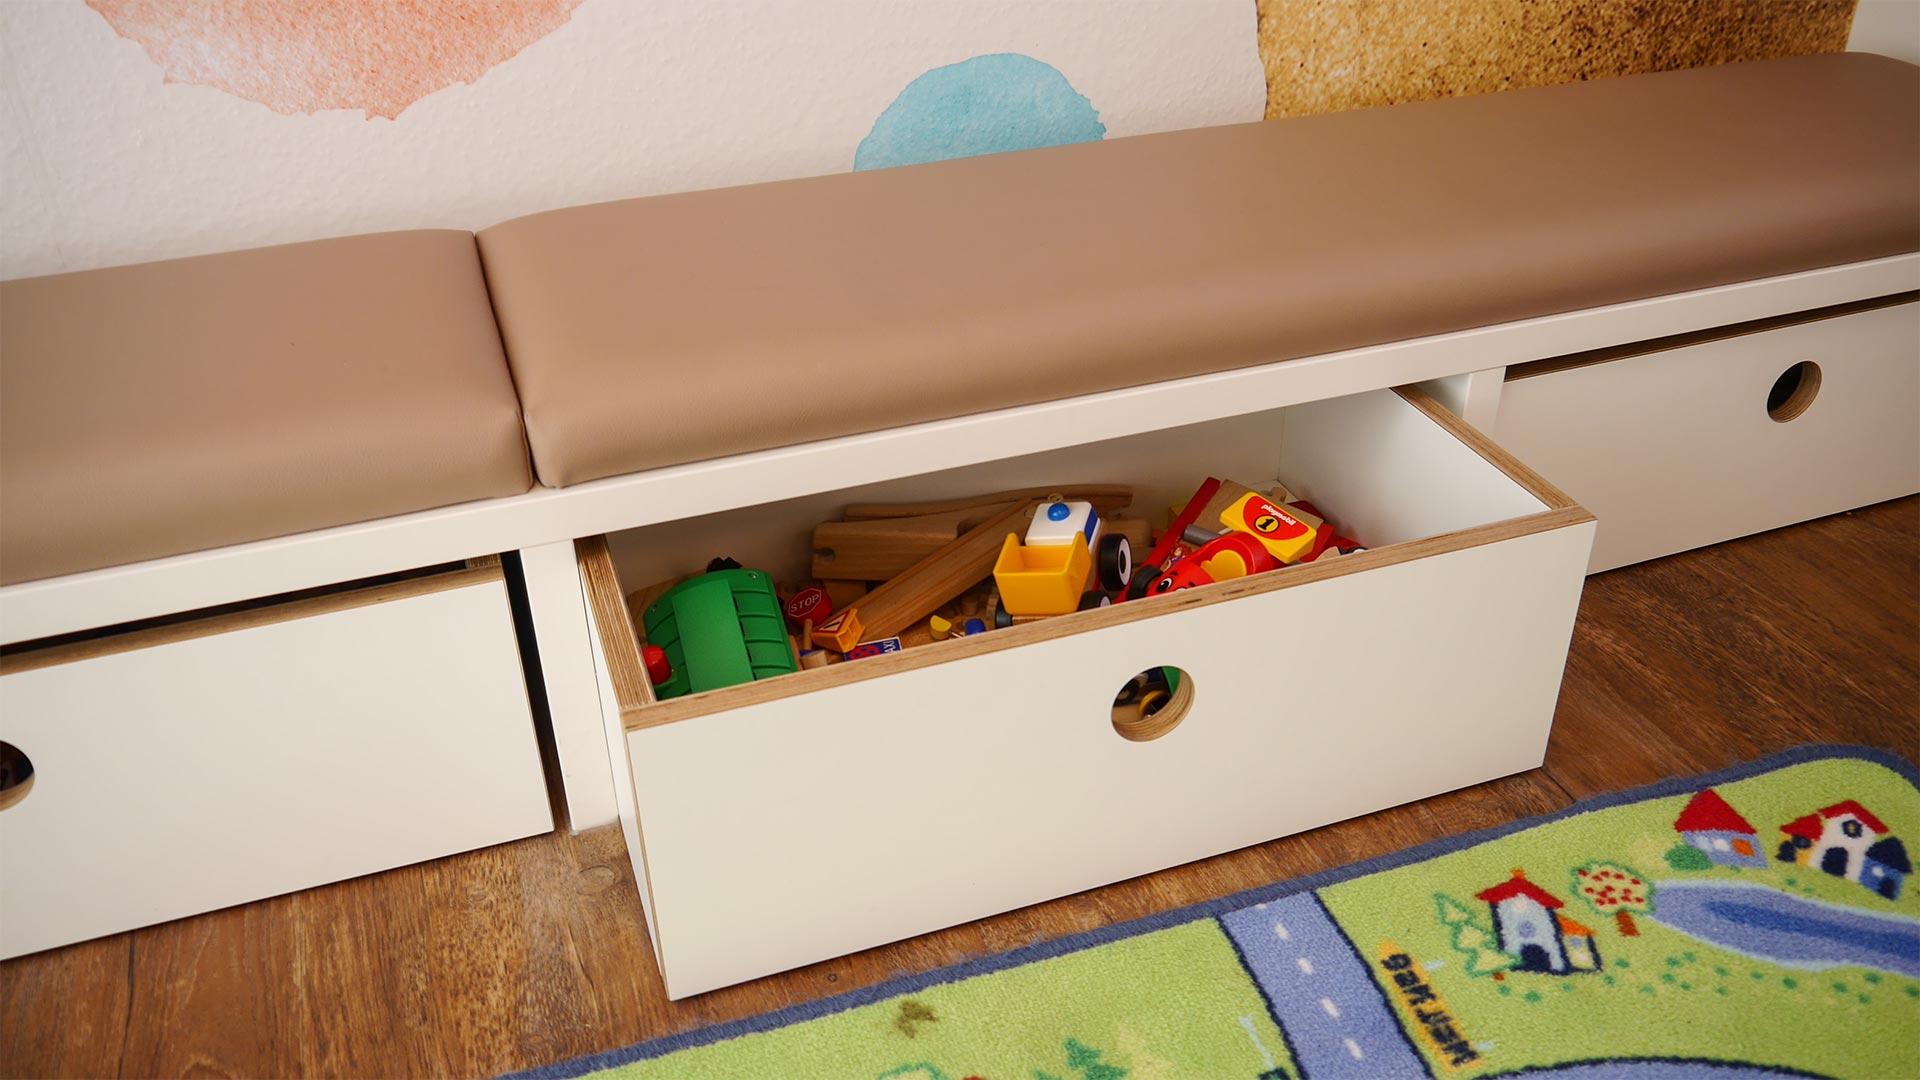 Unter den Kindersitzbänken im Wartezimmer befinden sich Spielzeugboxen.